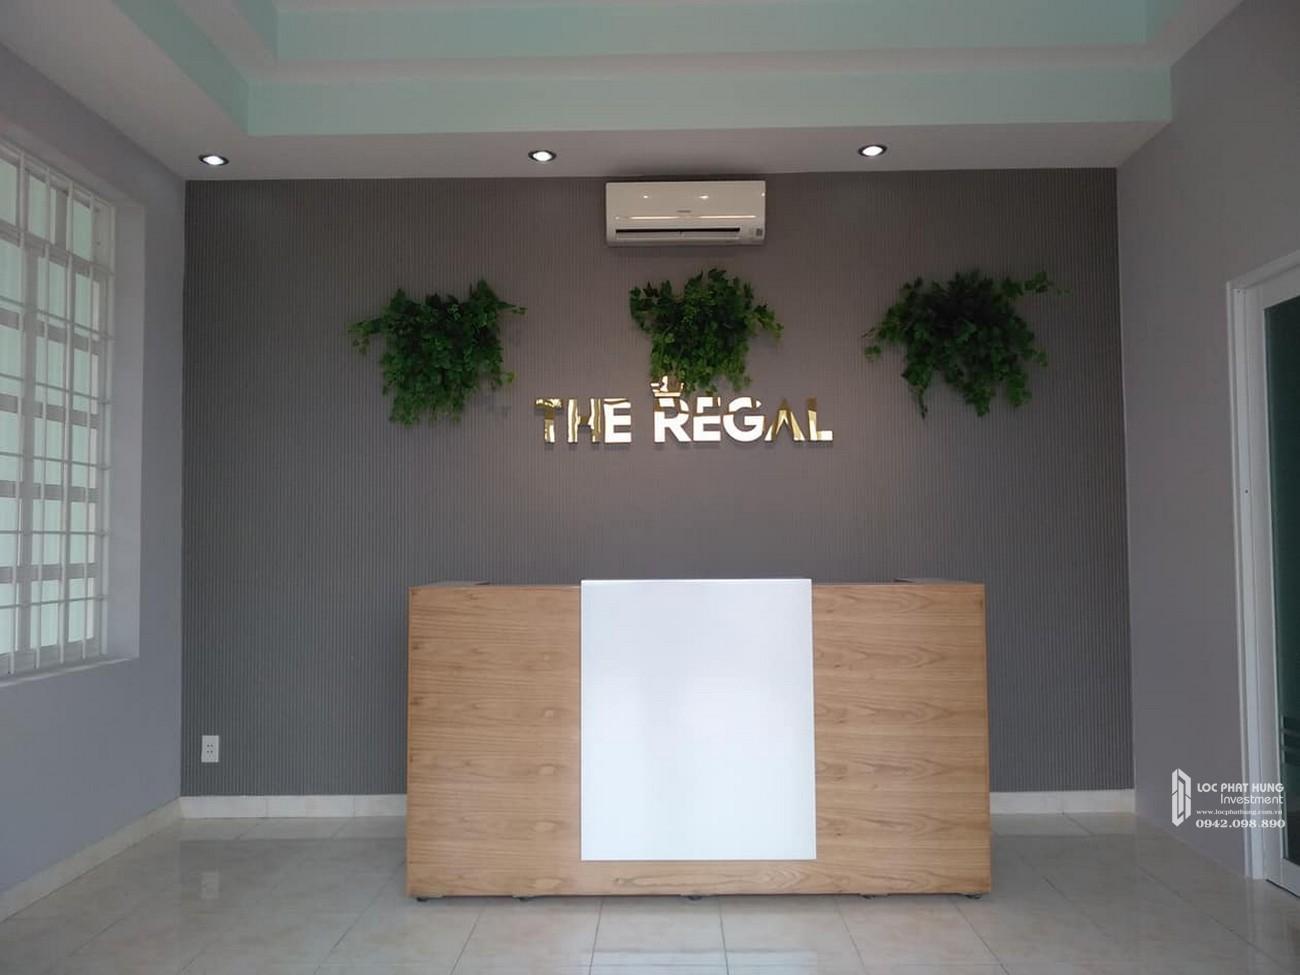 Thiết kế nhà mẫu dự án Biệt thự biển The Regal Vũng Tàu